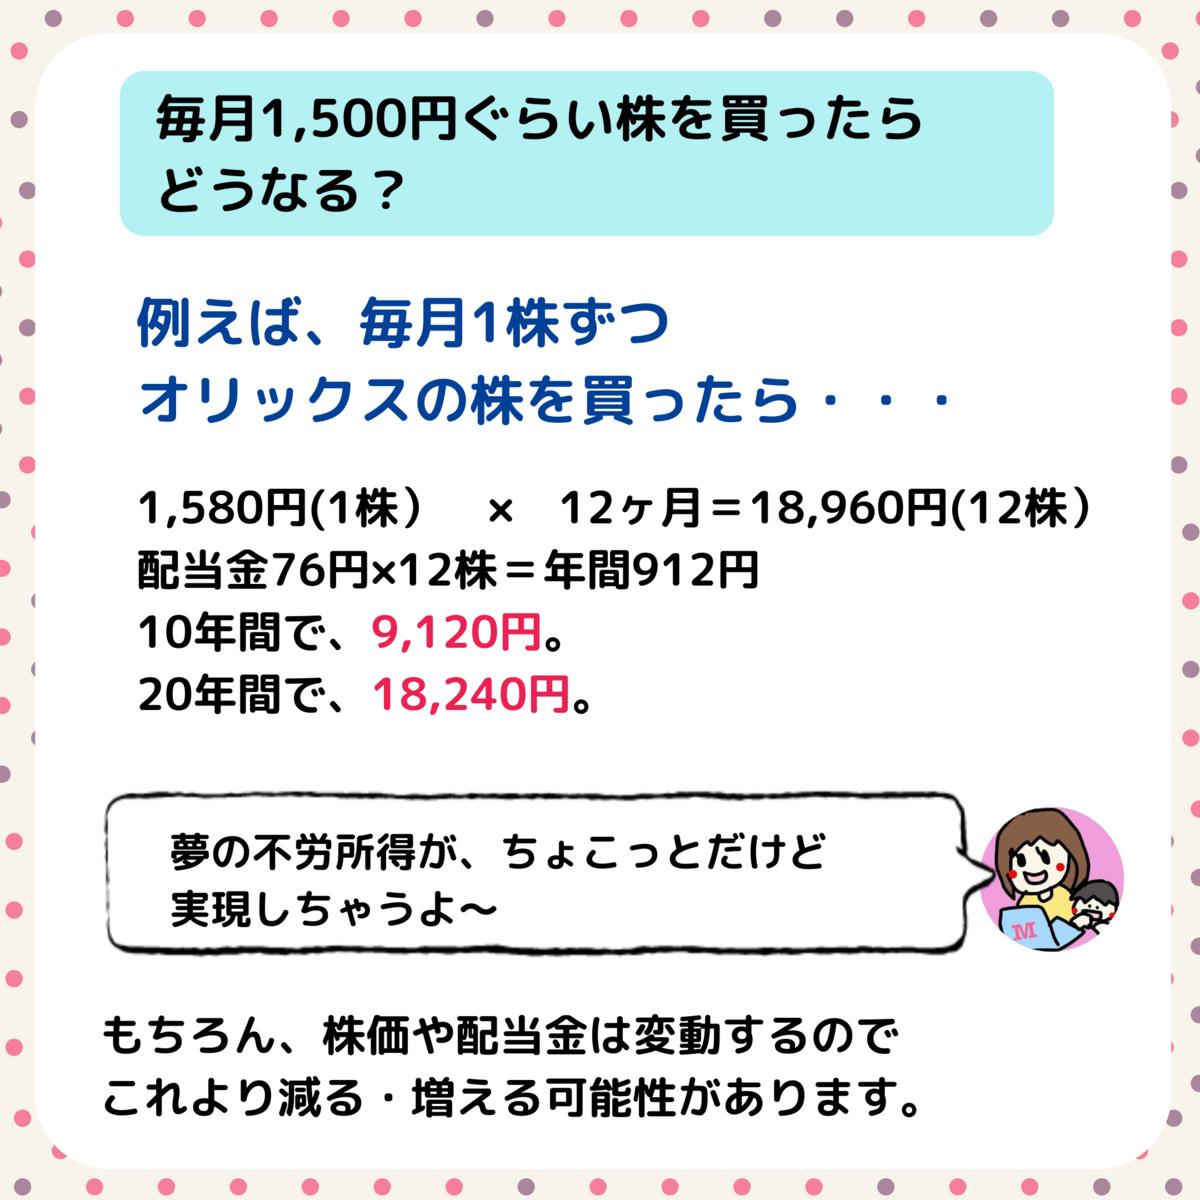 f:id:mykotoba:20201126145555p:plain